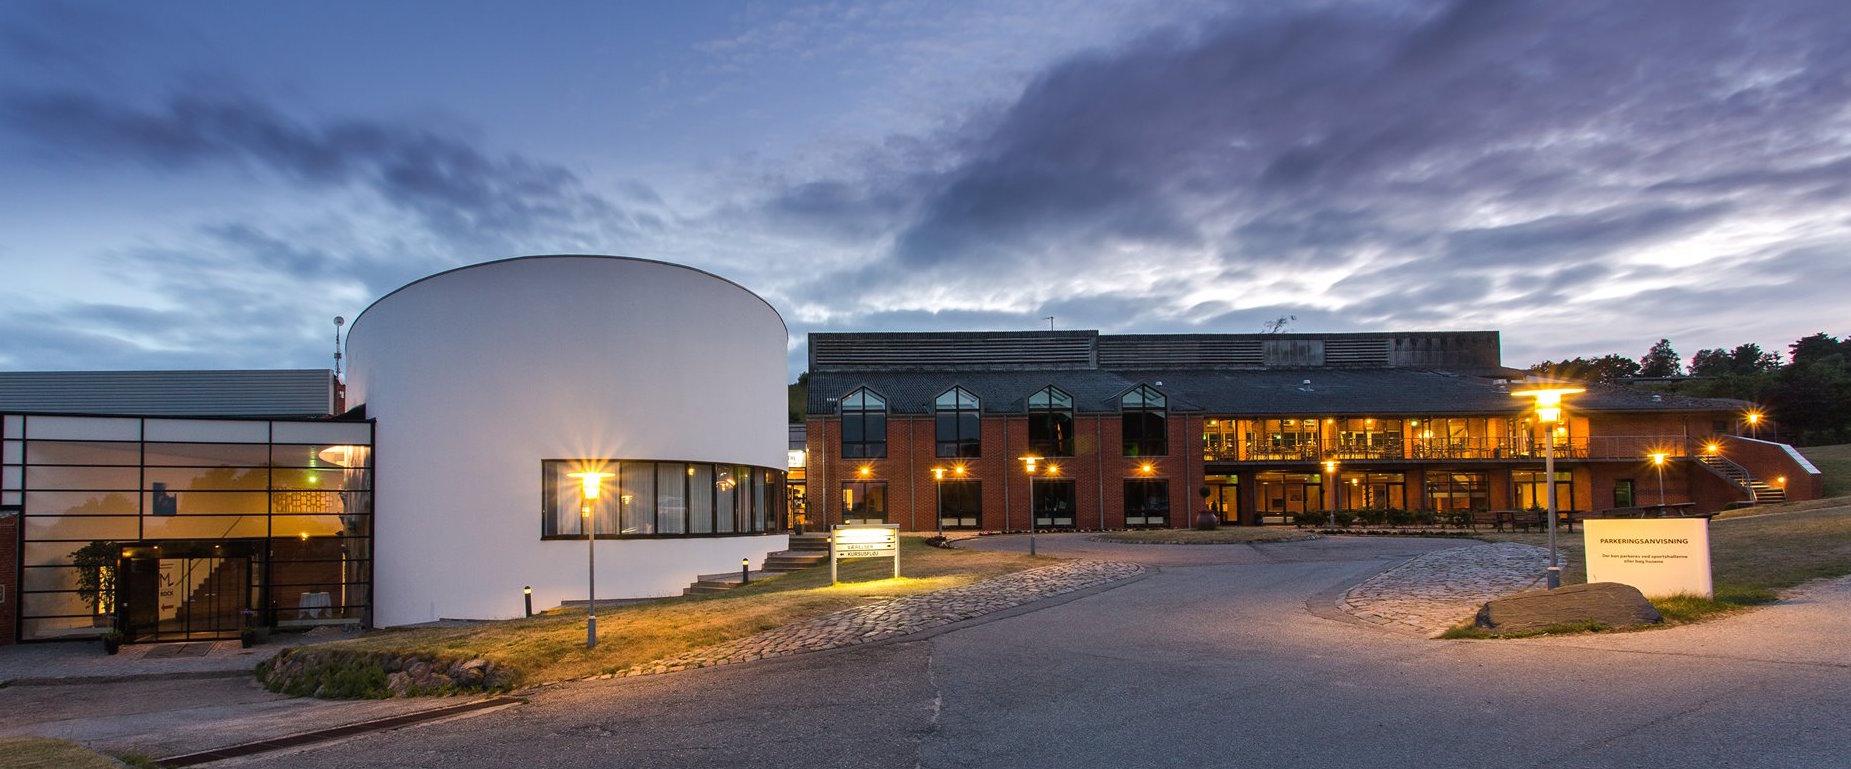 Programmet til Journalistiklærerseminaret 2018 i Danmark er på plads d2f3f3ab2c02a